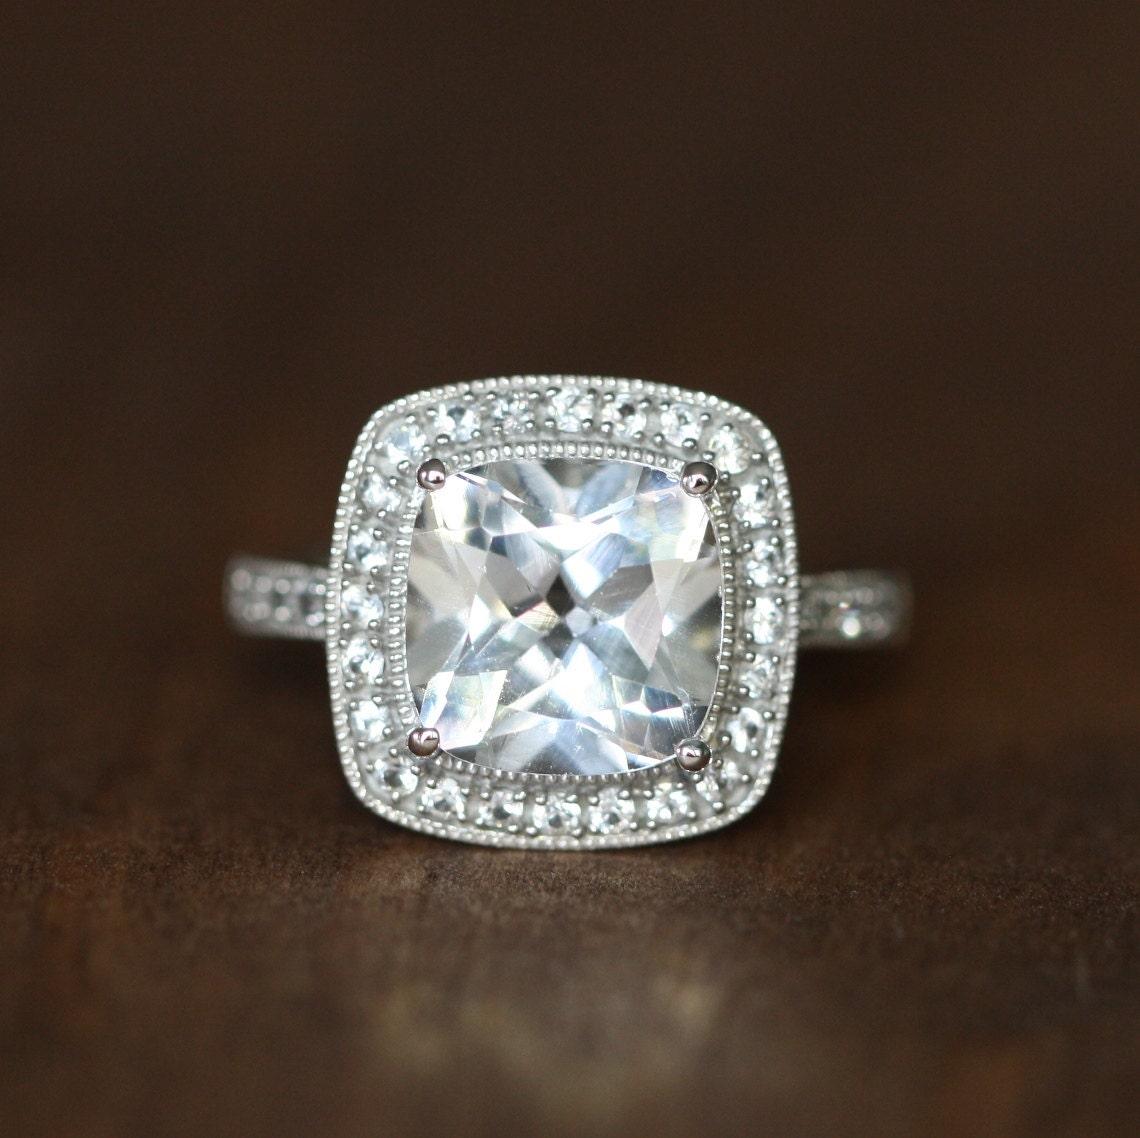 Vintage Inspired White Topaz Halo Engagement Ring In 14k White